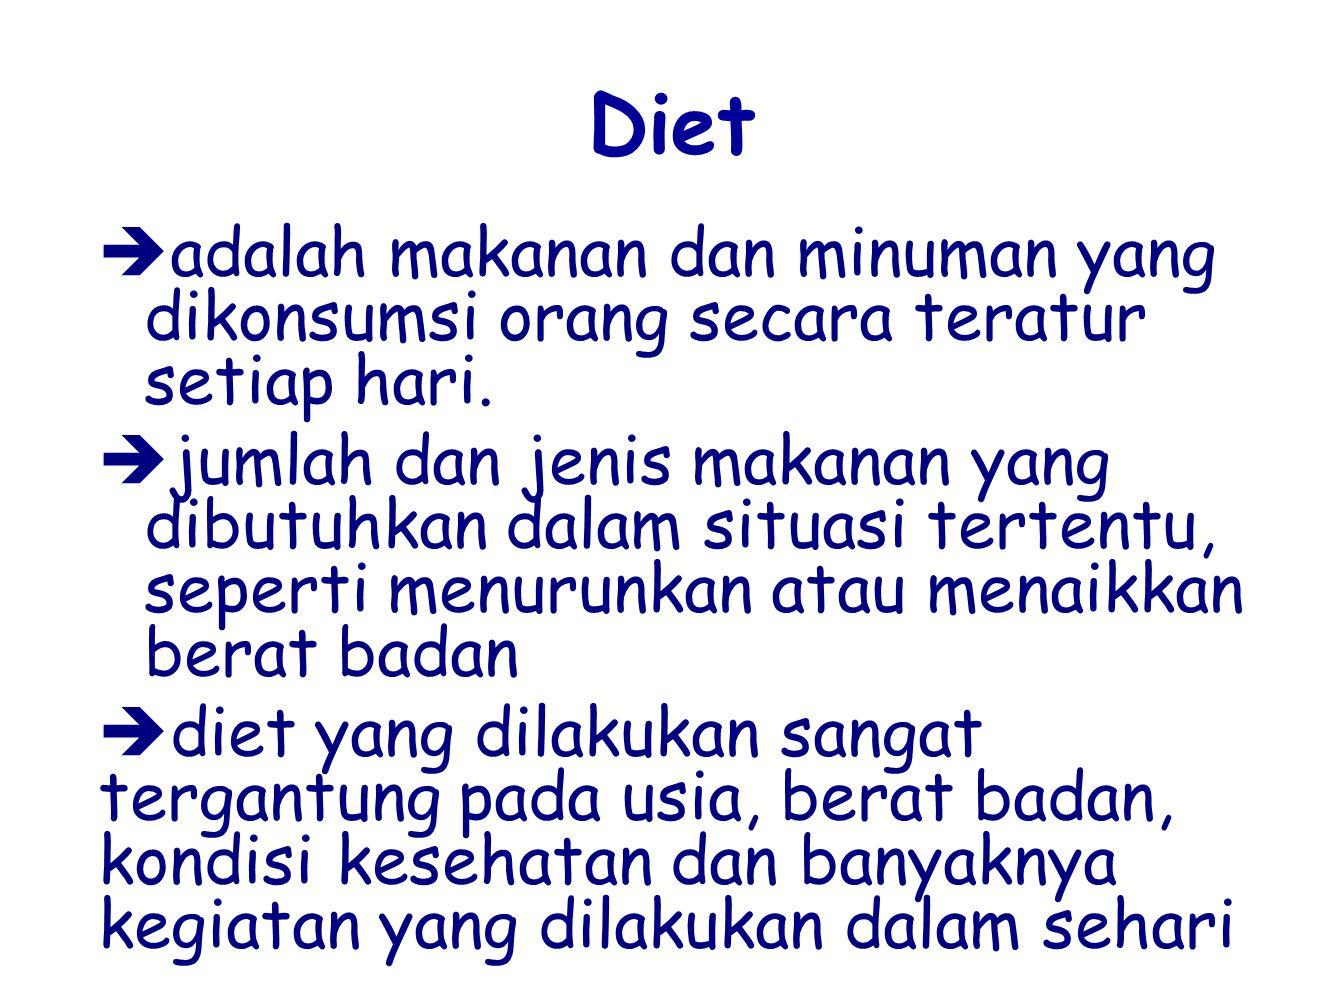 Diet adalah makanan dan minuman yang dikonsumsi orang secara teratur setiap hari.